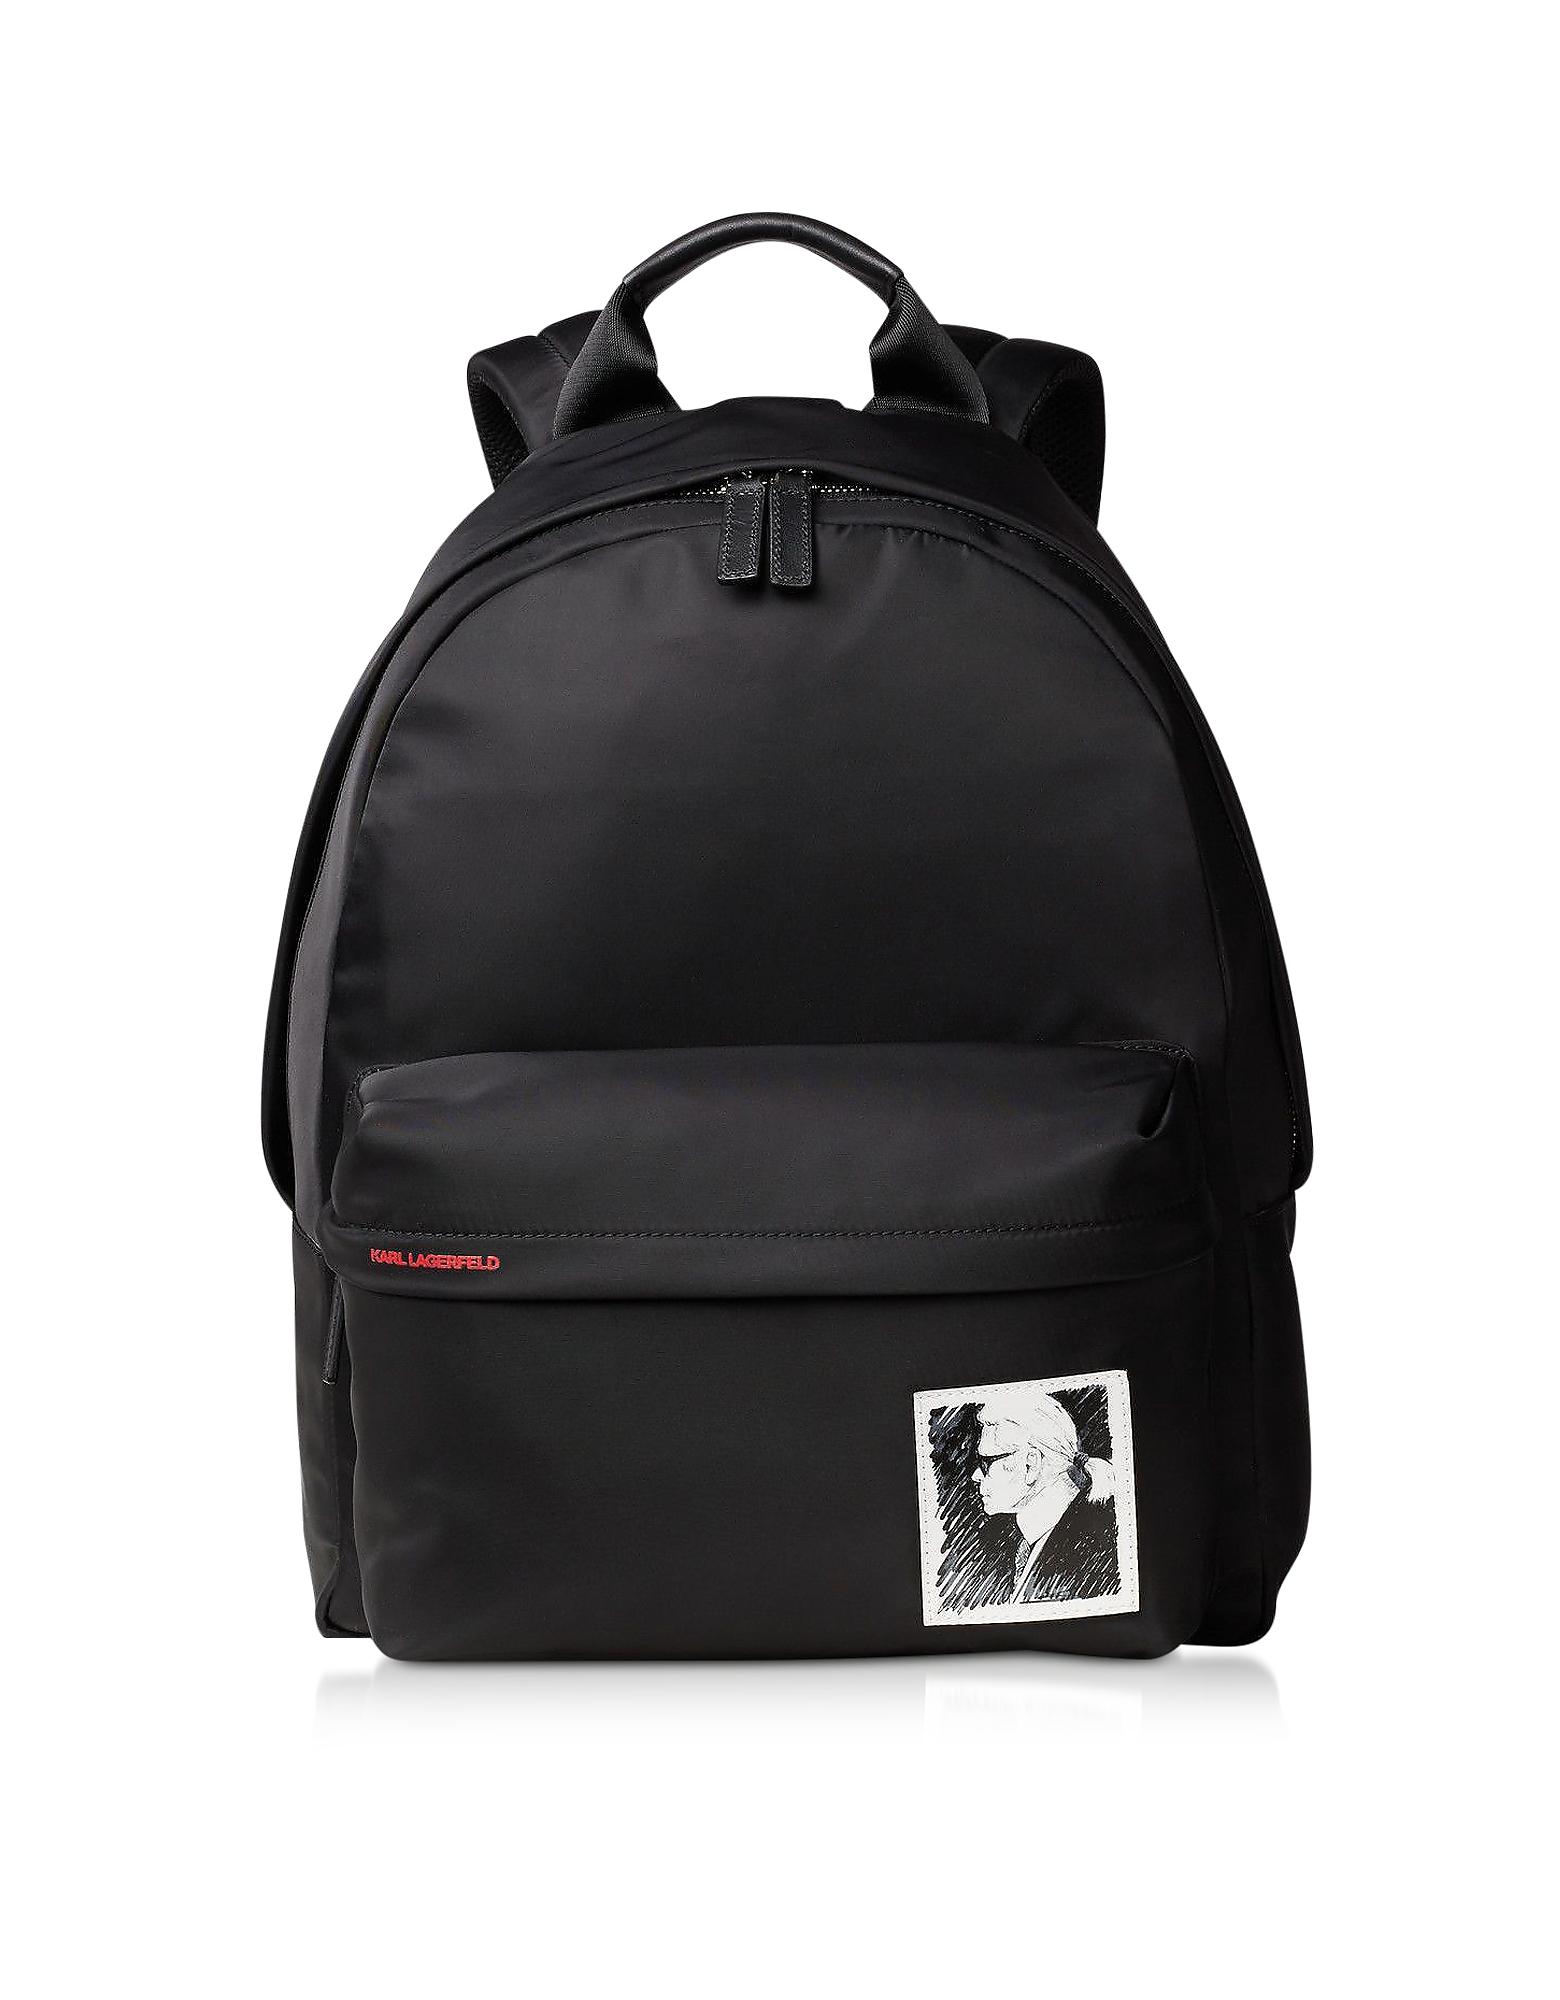 Karl Lagerfeld Designer Handbags, Karl Legend Nylon Backpack